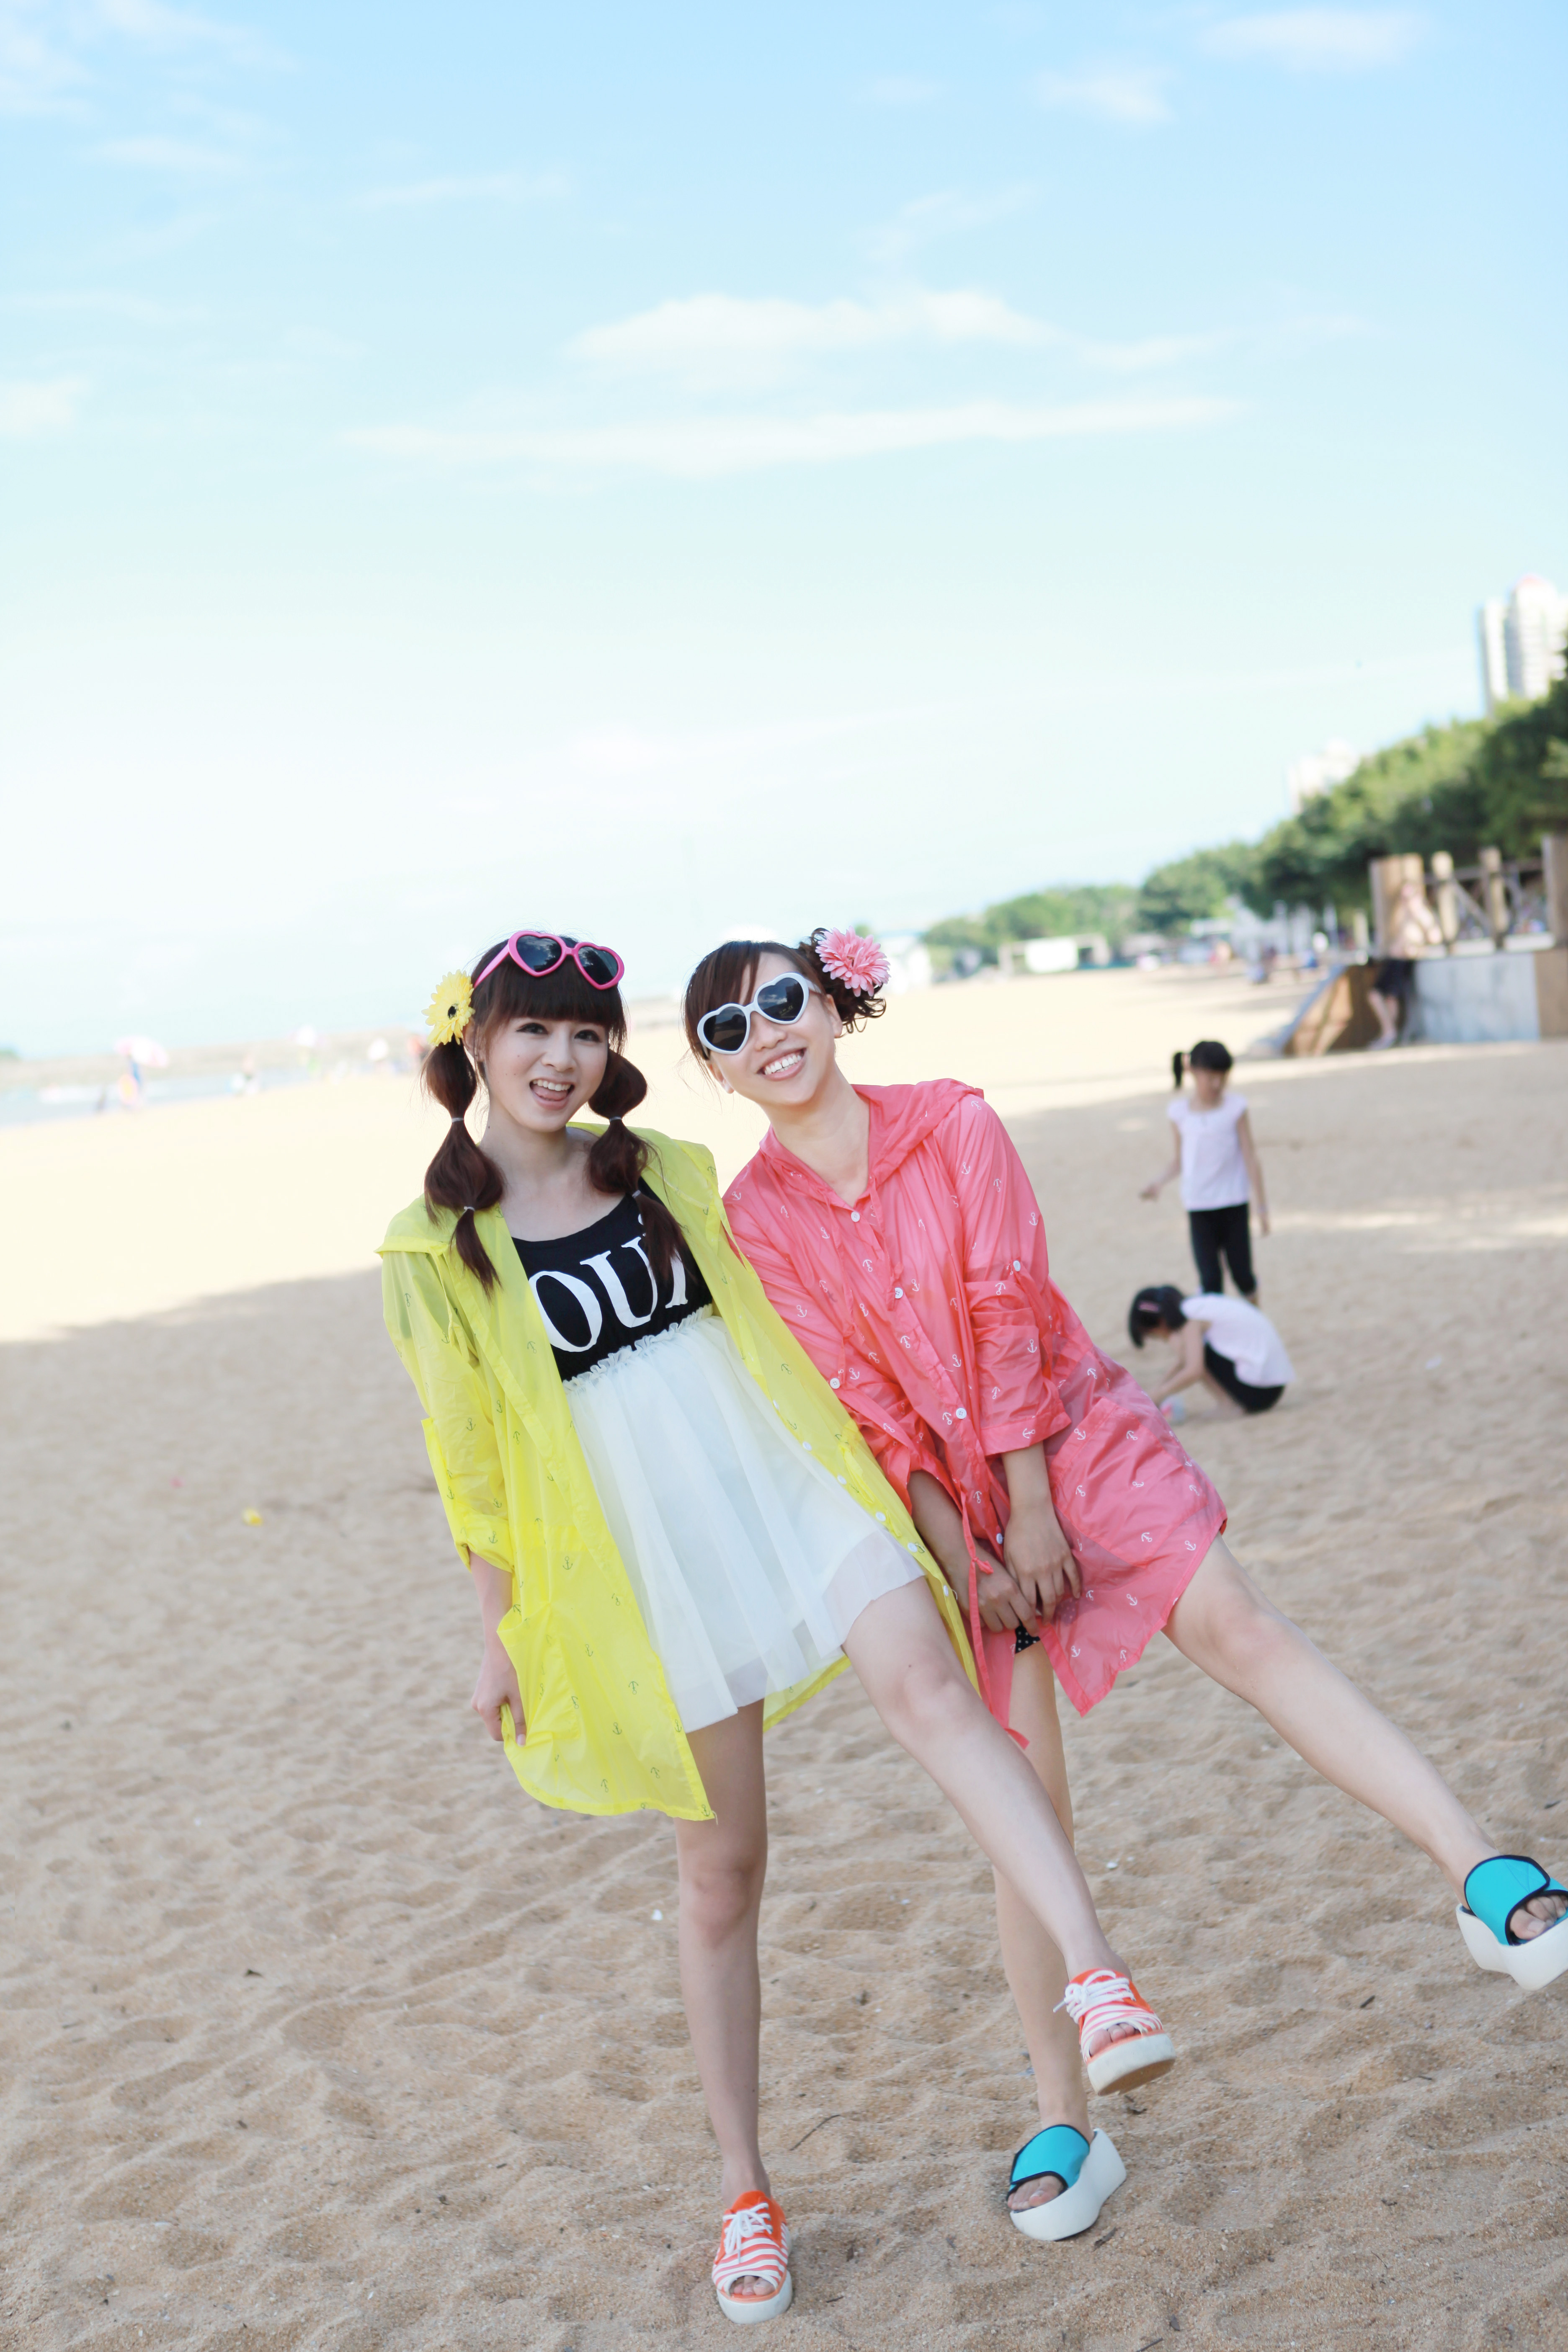 海滩穿衣搭配图片欣赏